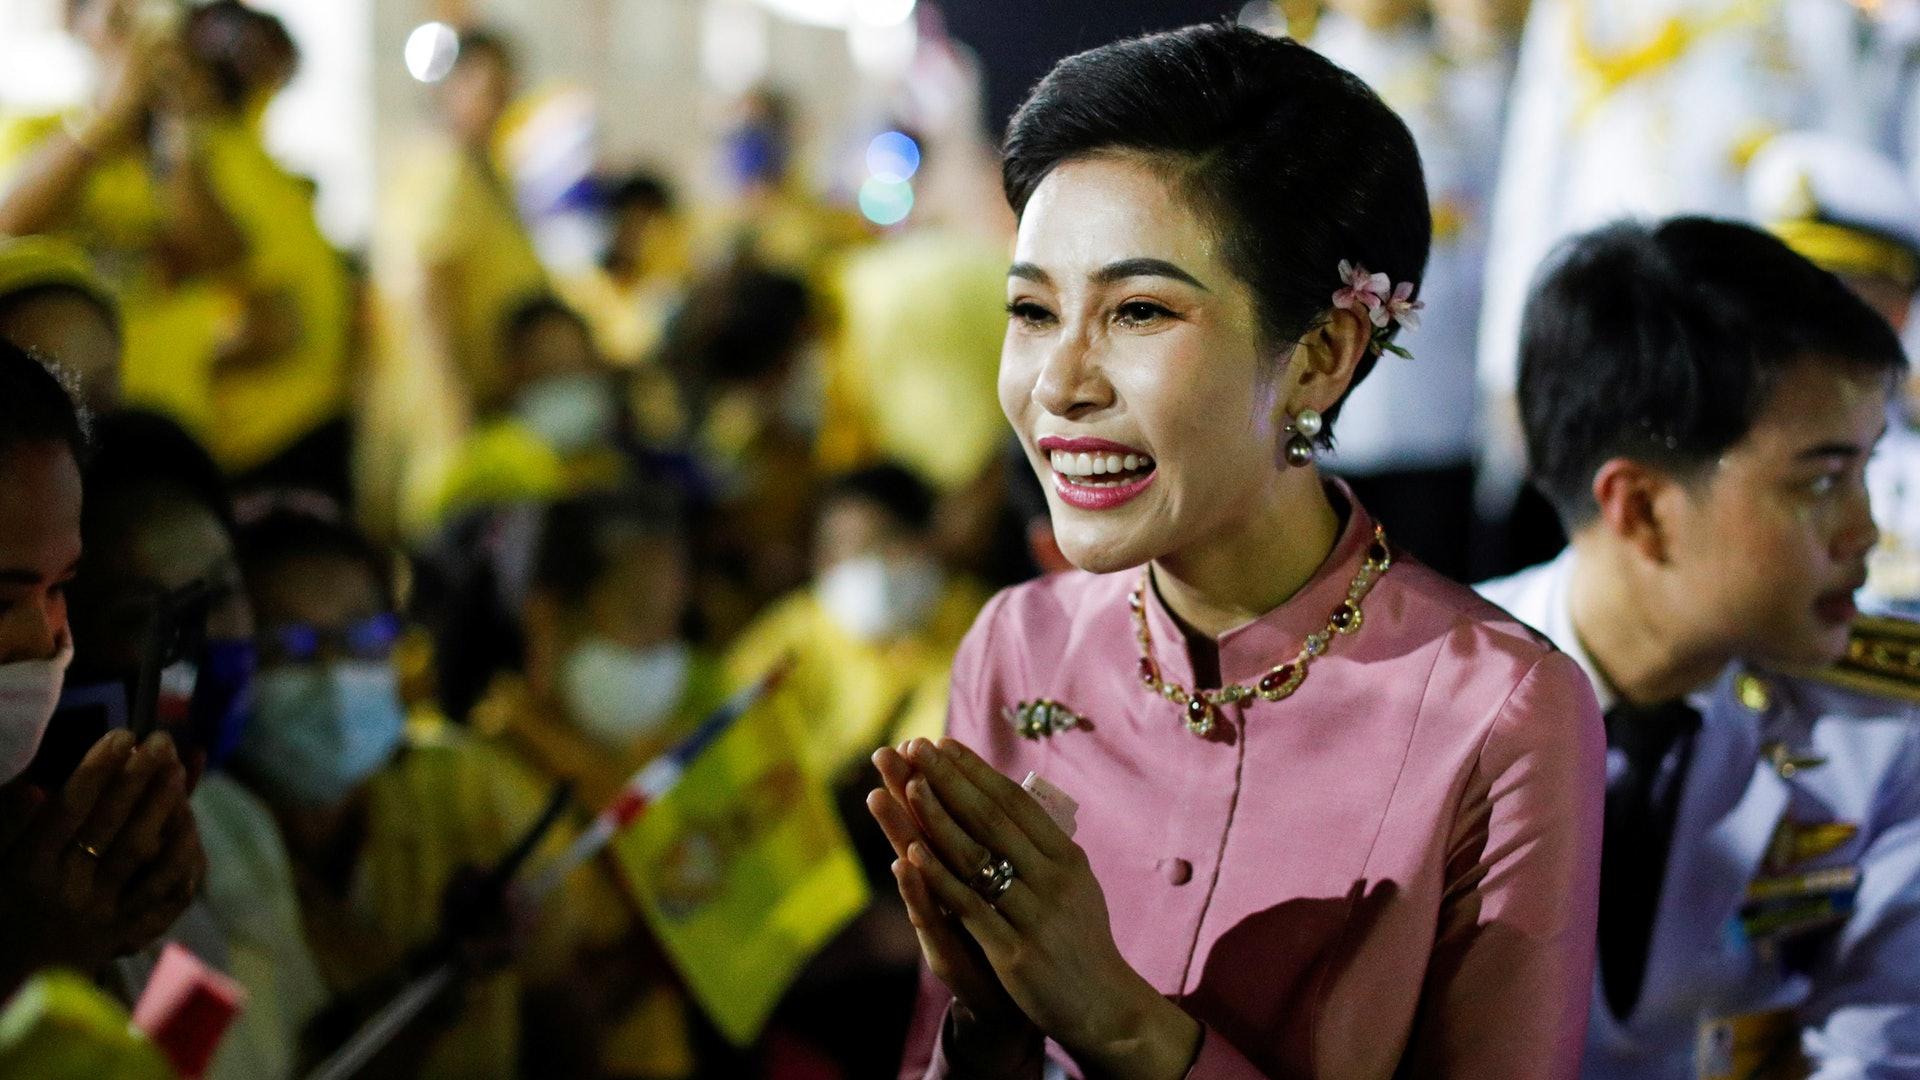 泰國貴妃詩妮娜:圖為11月1日,泰國貴妃詩妮娜在曼谷大皇宮與王室支持者見面。(Reuters)